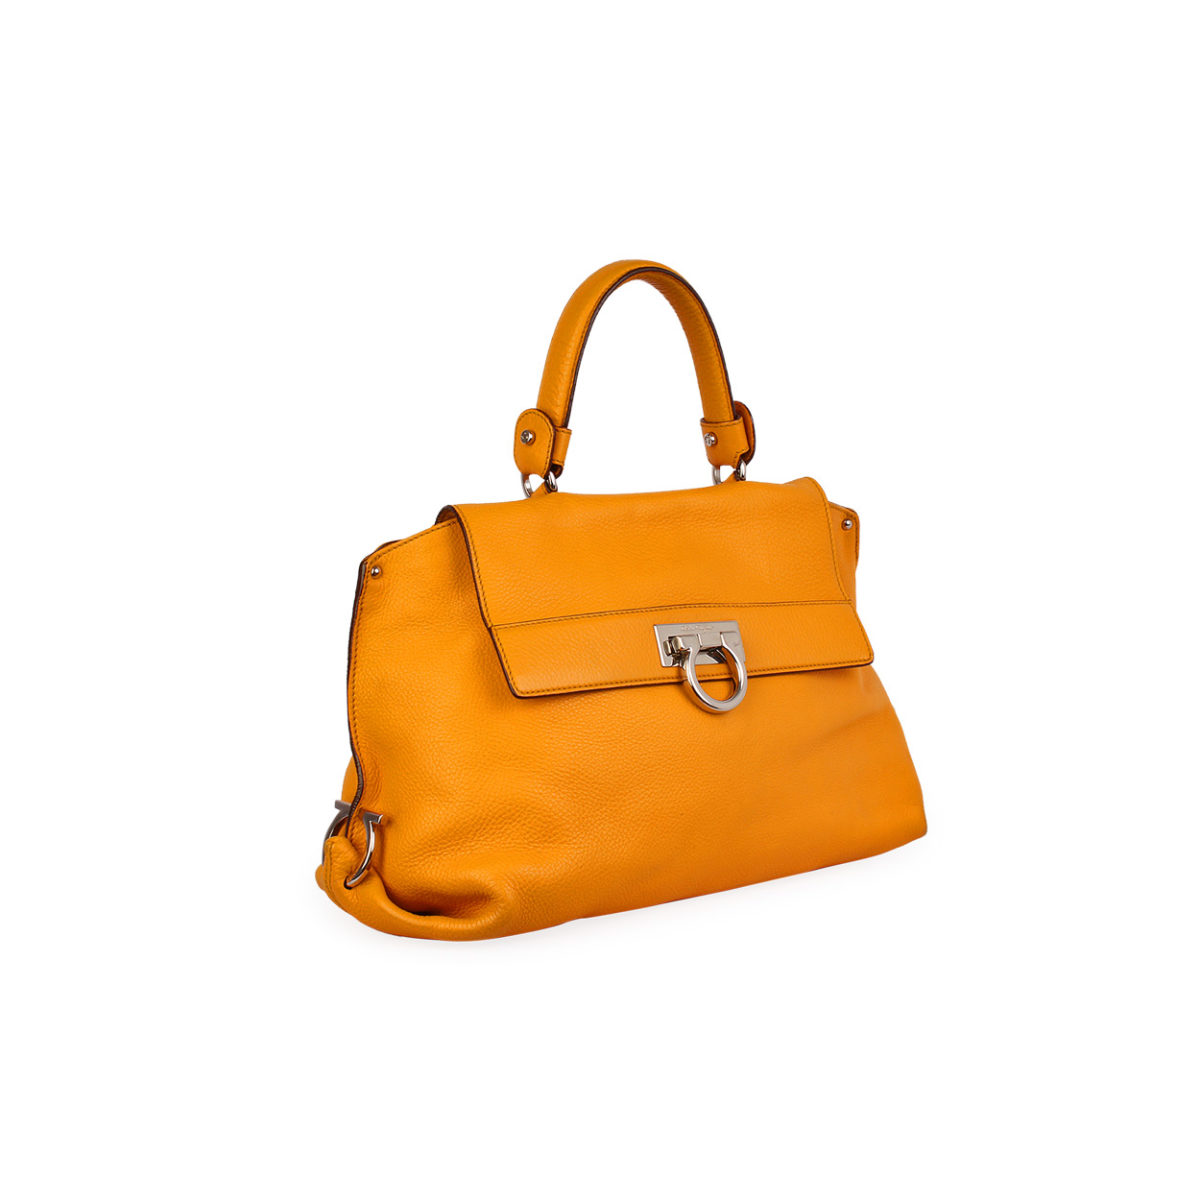 9ab4d8092c47 SALVATORE FERRAGAMO Pebbled Calfskin Leather Medium Sofia Bag Mustard